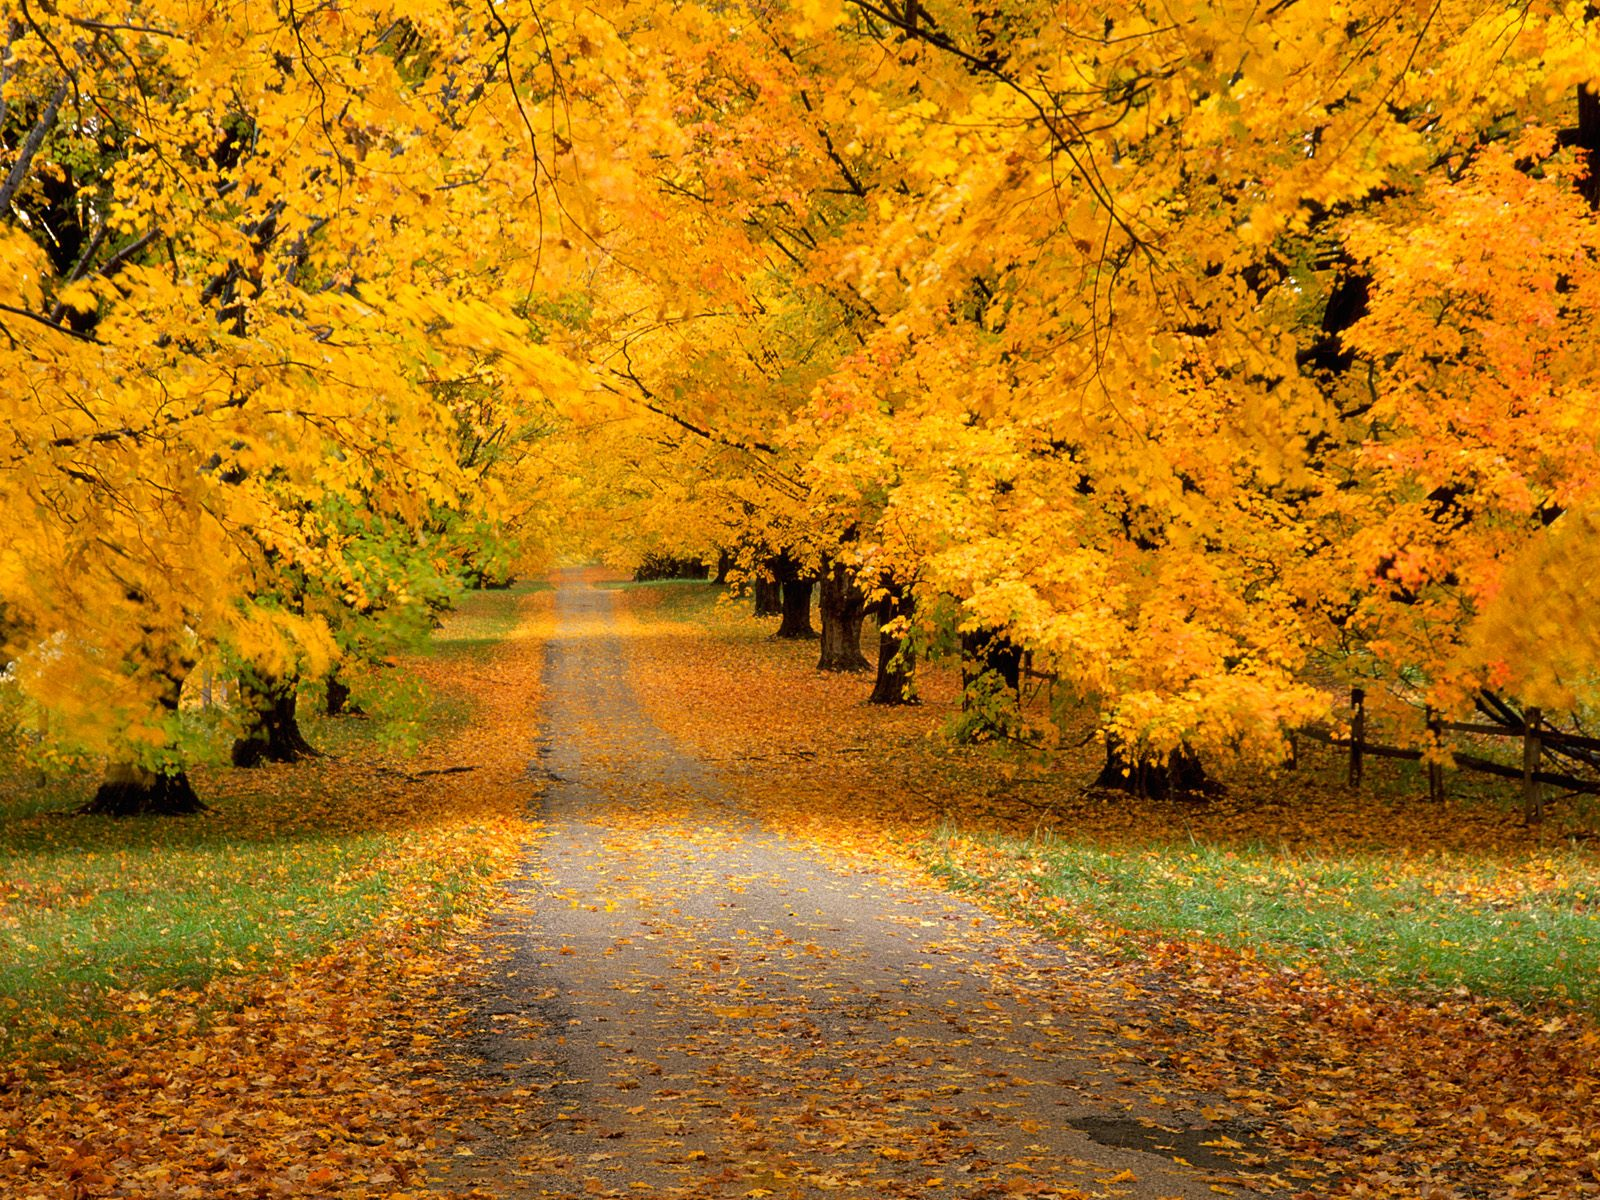 желтые листья, скачать фото, осень, лес, обои на рабочий стол